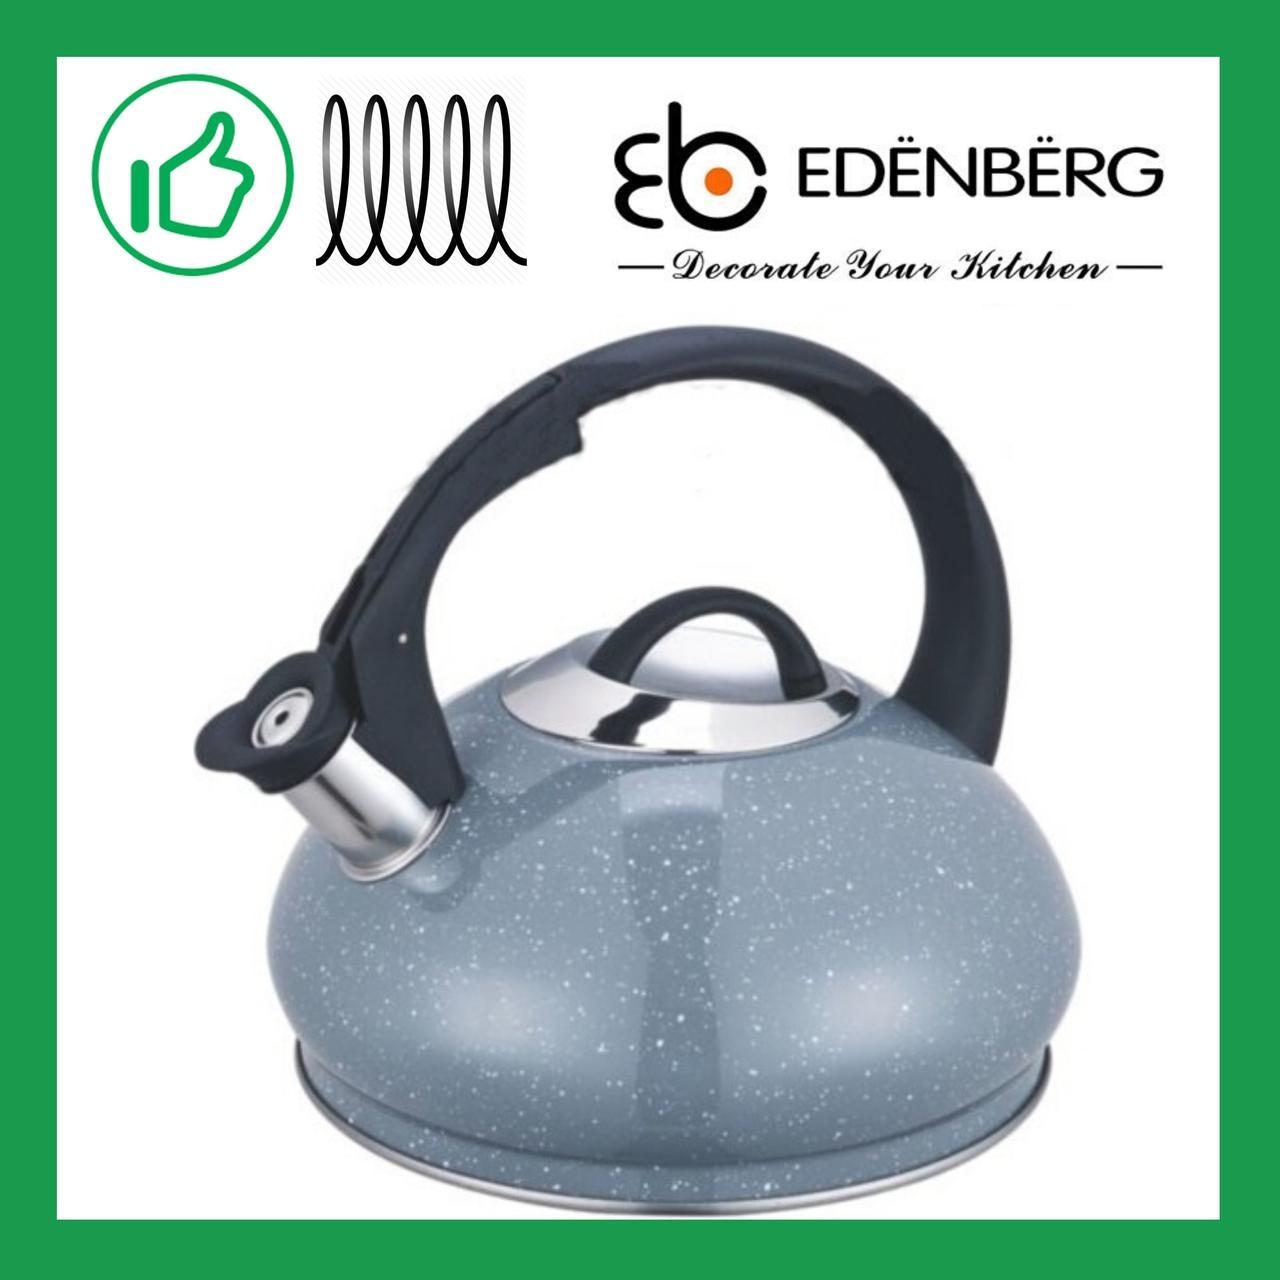 Чайник из нержавеющей стали со свистком Edenberg 3.0 л (EB-8812GR)